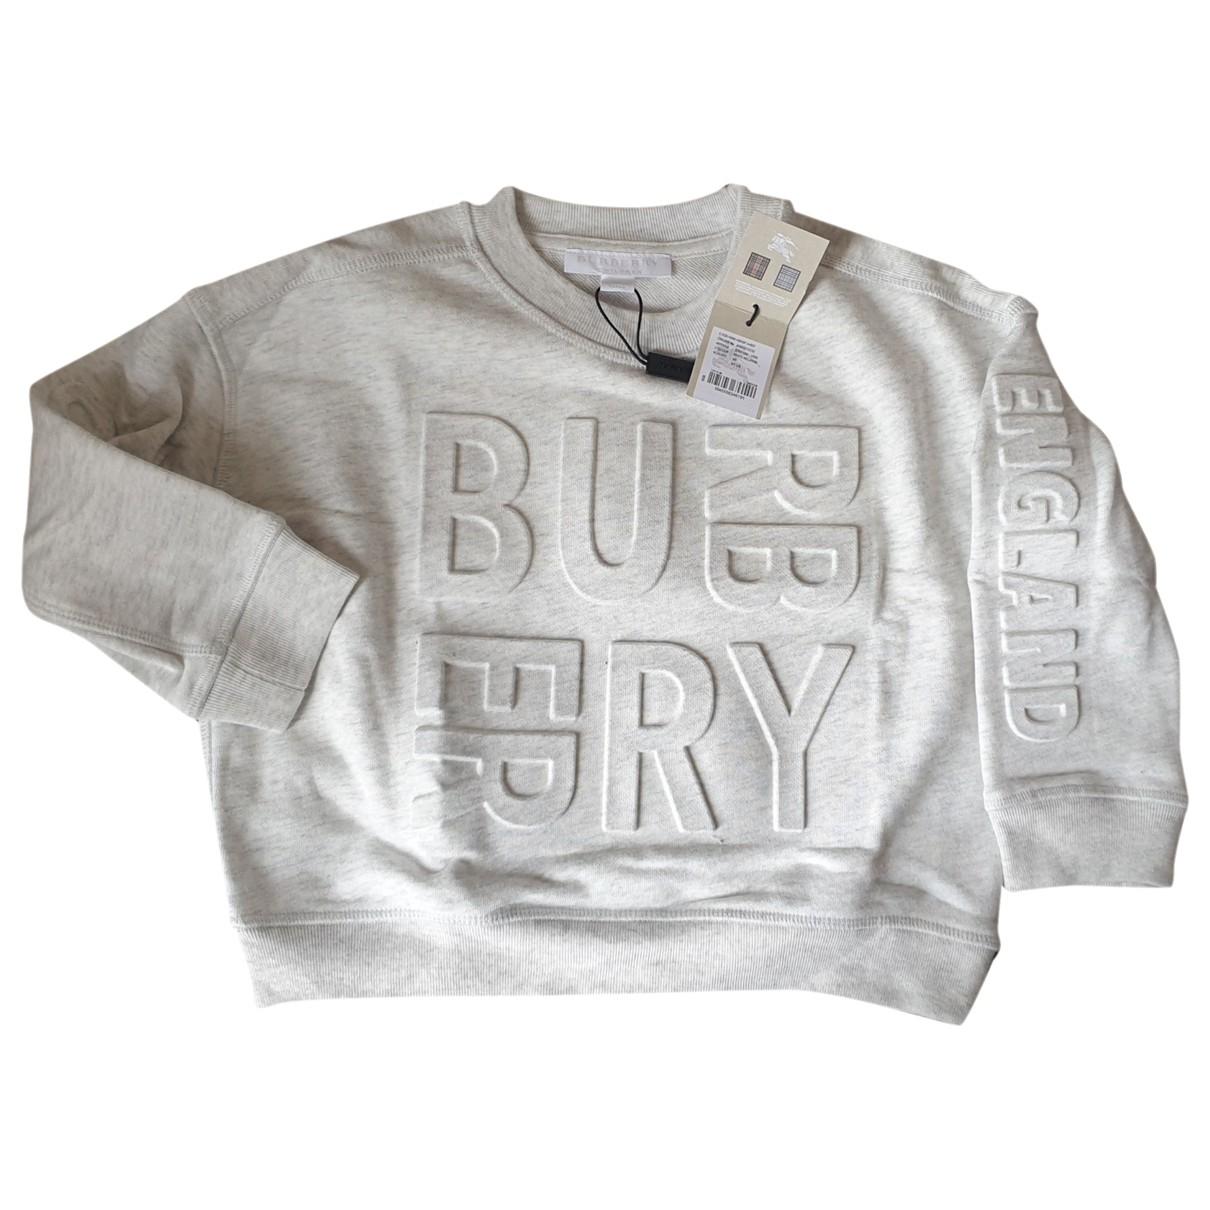 Burberry - Pull   pour enfant - gris